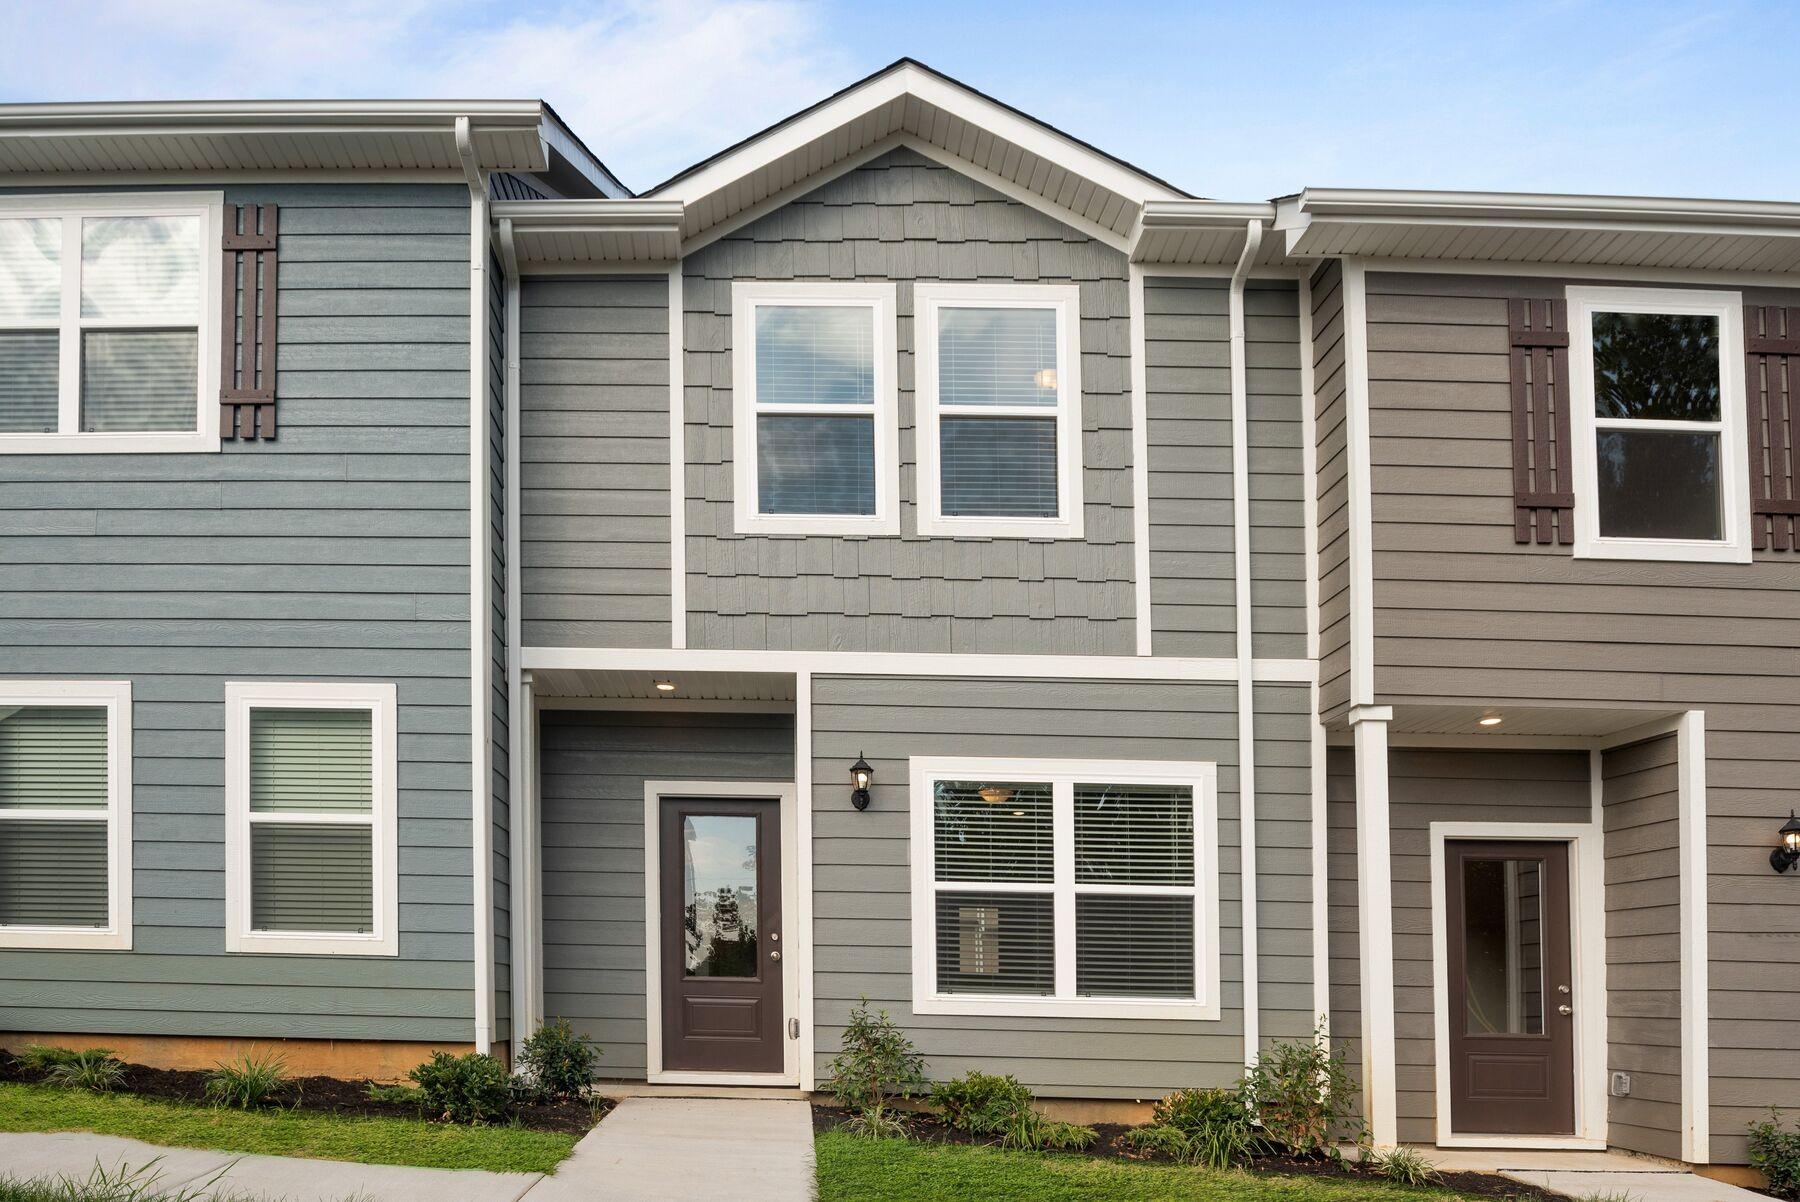 102 Ofner Dr, LA VERGNE, TN 37086 - LA VERGNE, TN real estate listing